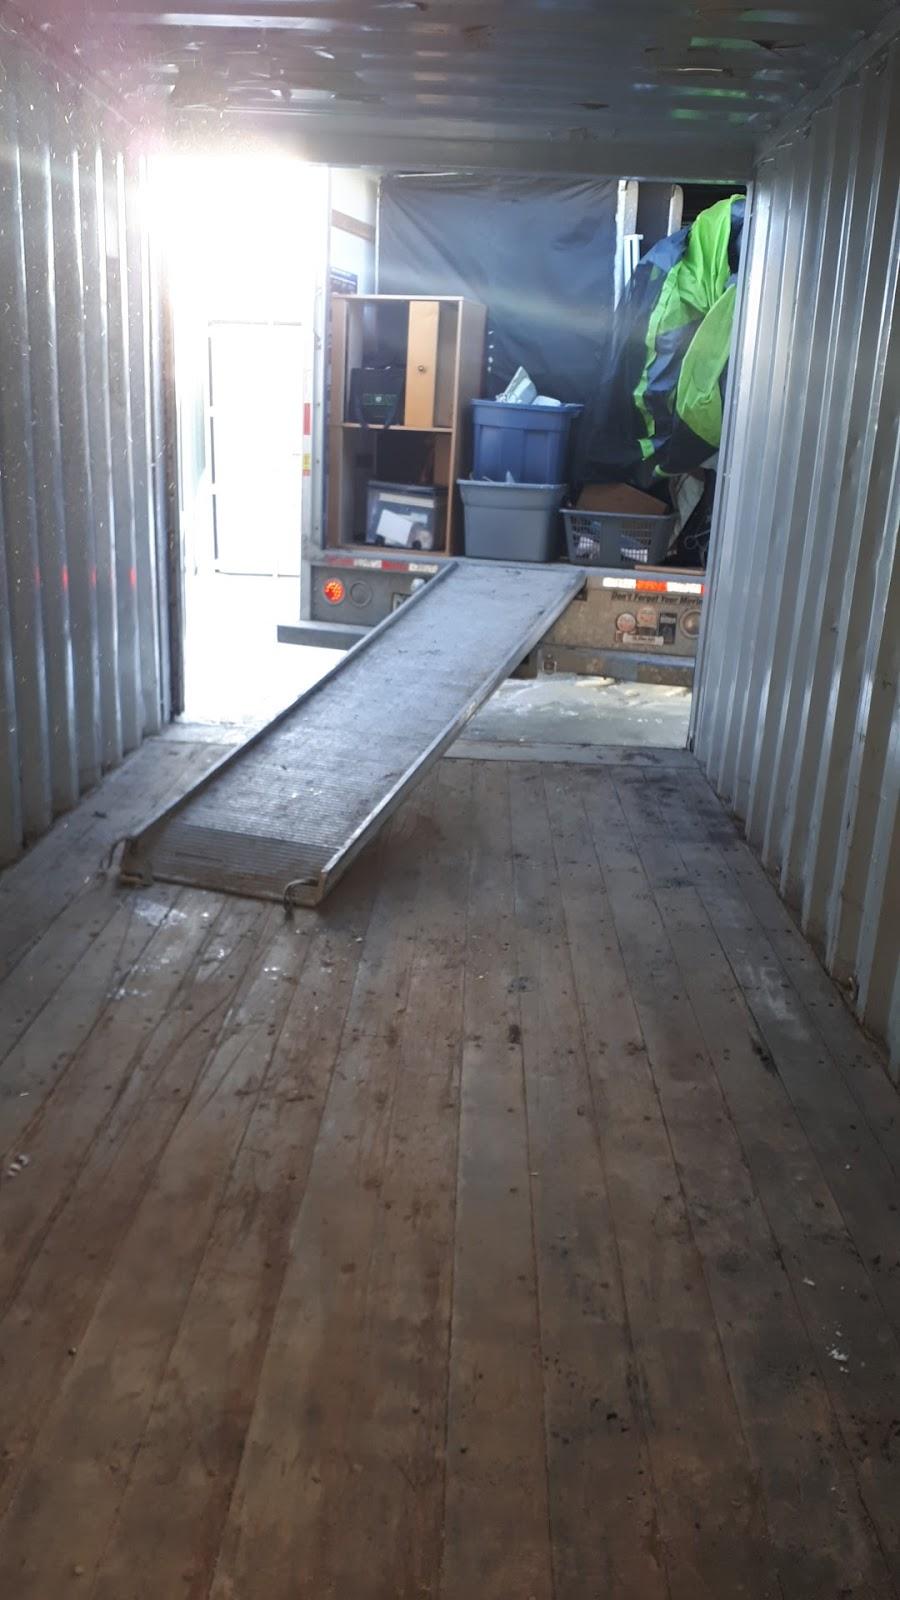 Carstairs Mini Storage | storage | 707 9 Ave N, Carstairs, AB T0M 0N0, Canada | 4038638344 OR +1 403-863-8344